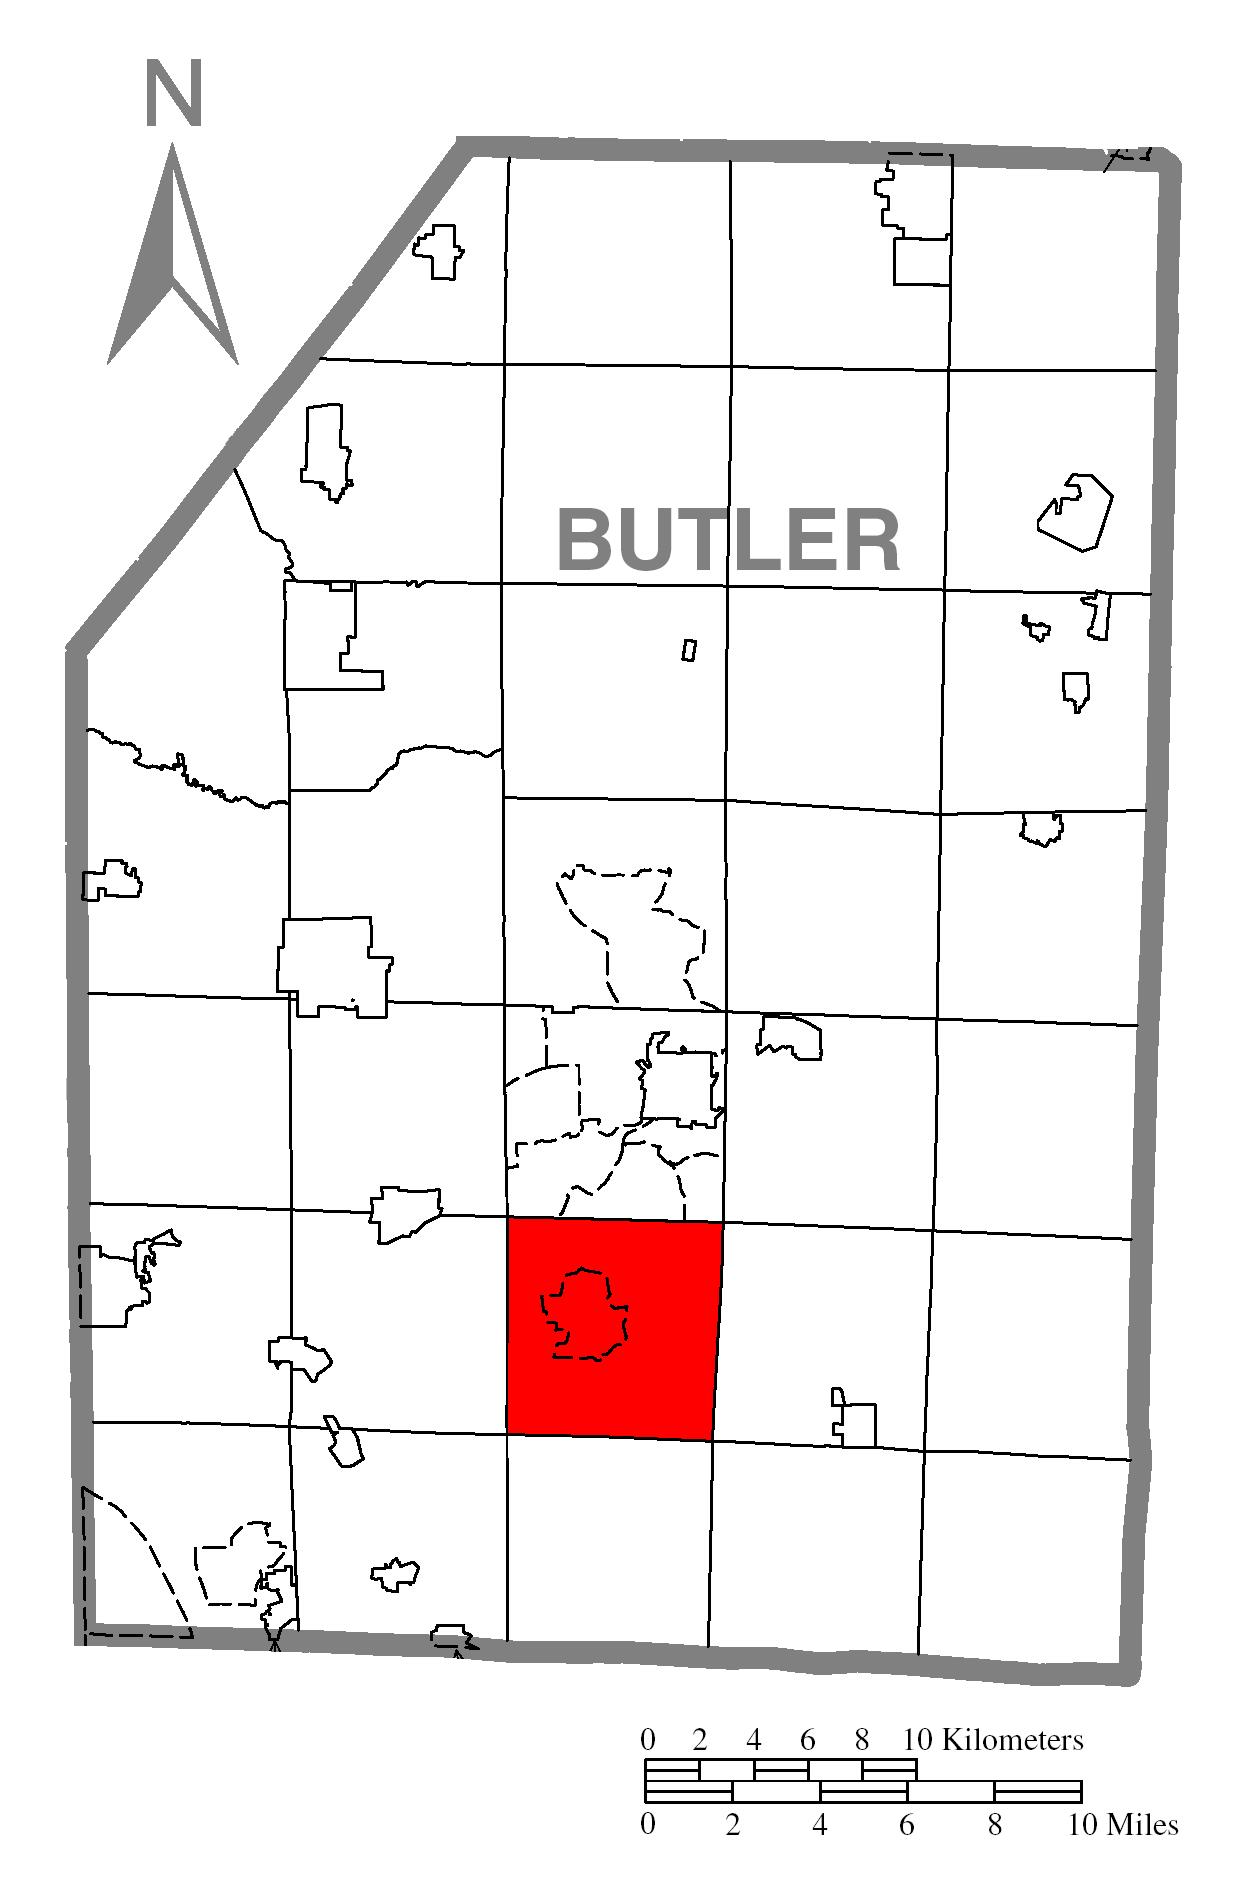 File:Map of Penn Township, Butler County, Pennsylvania